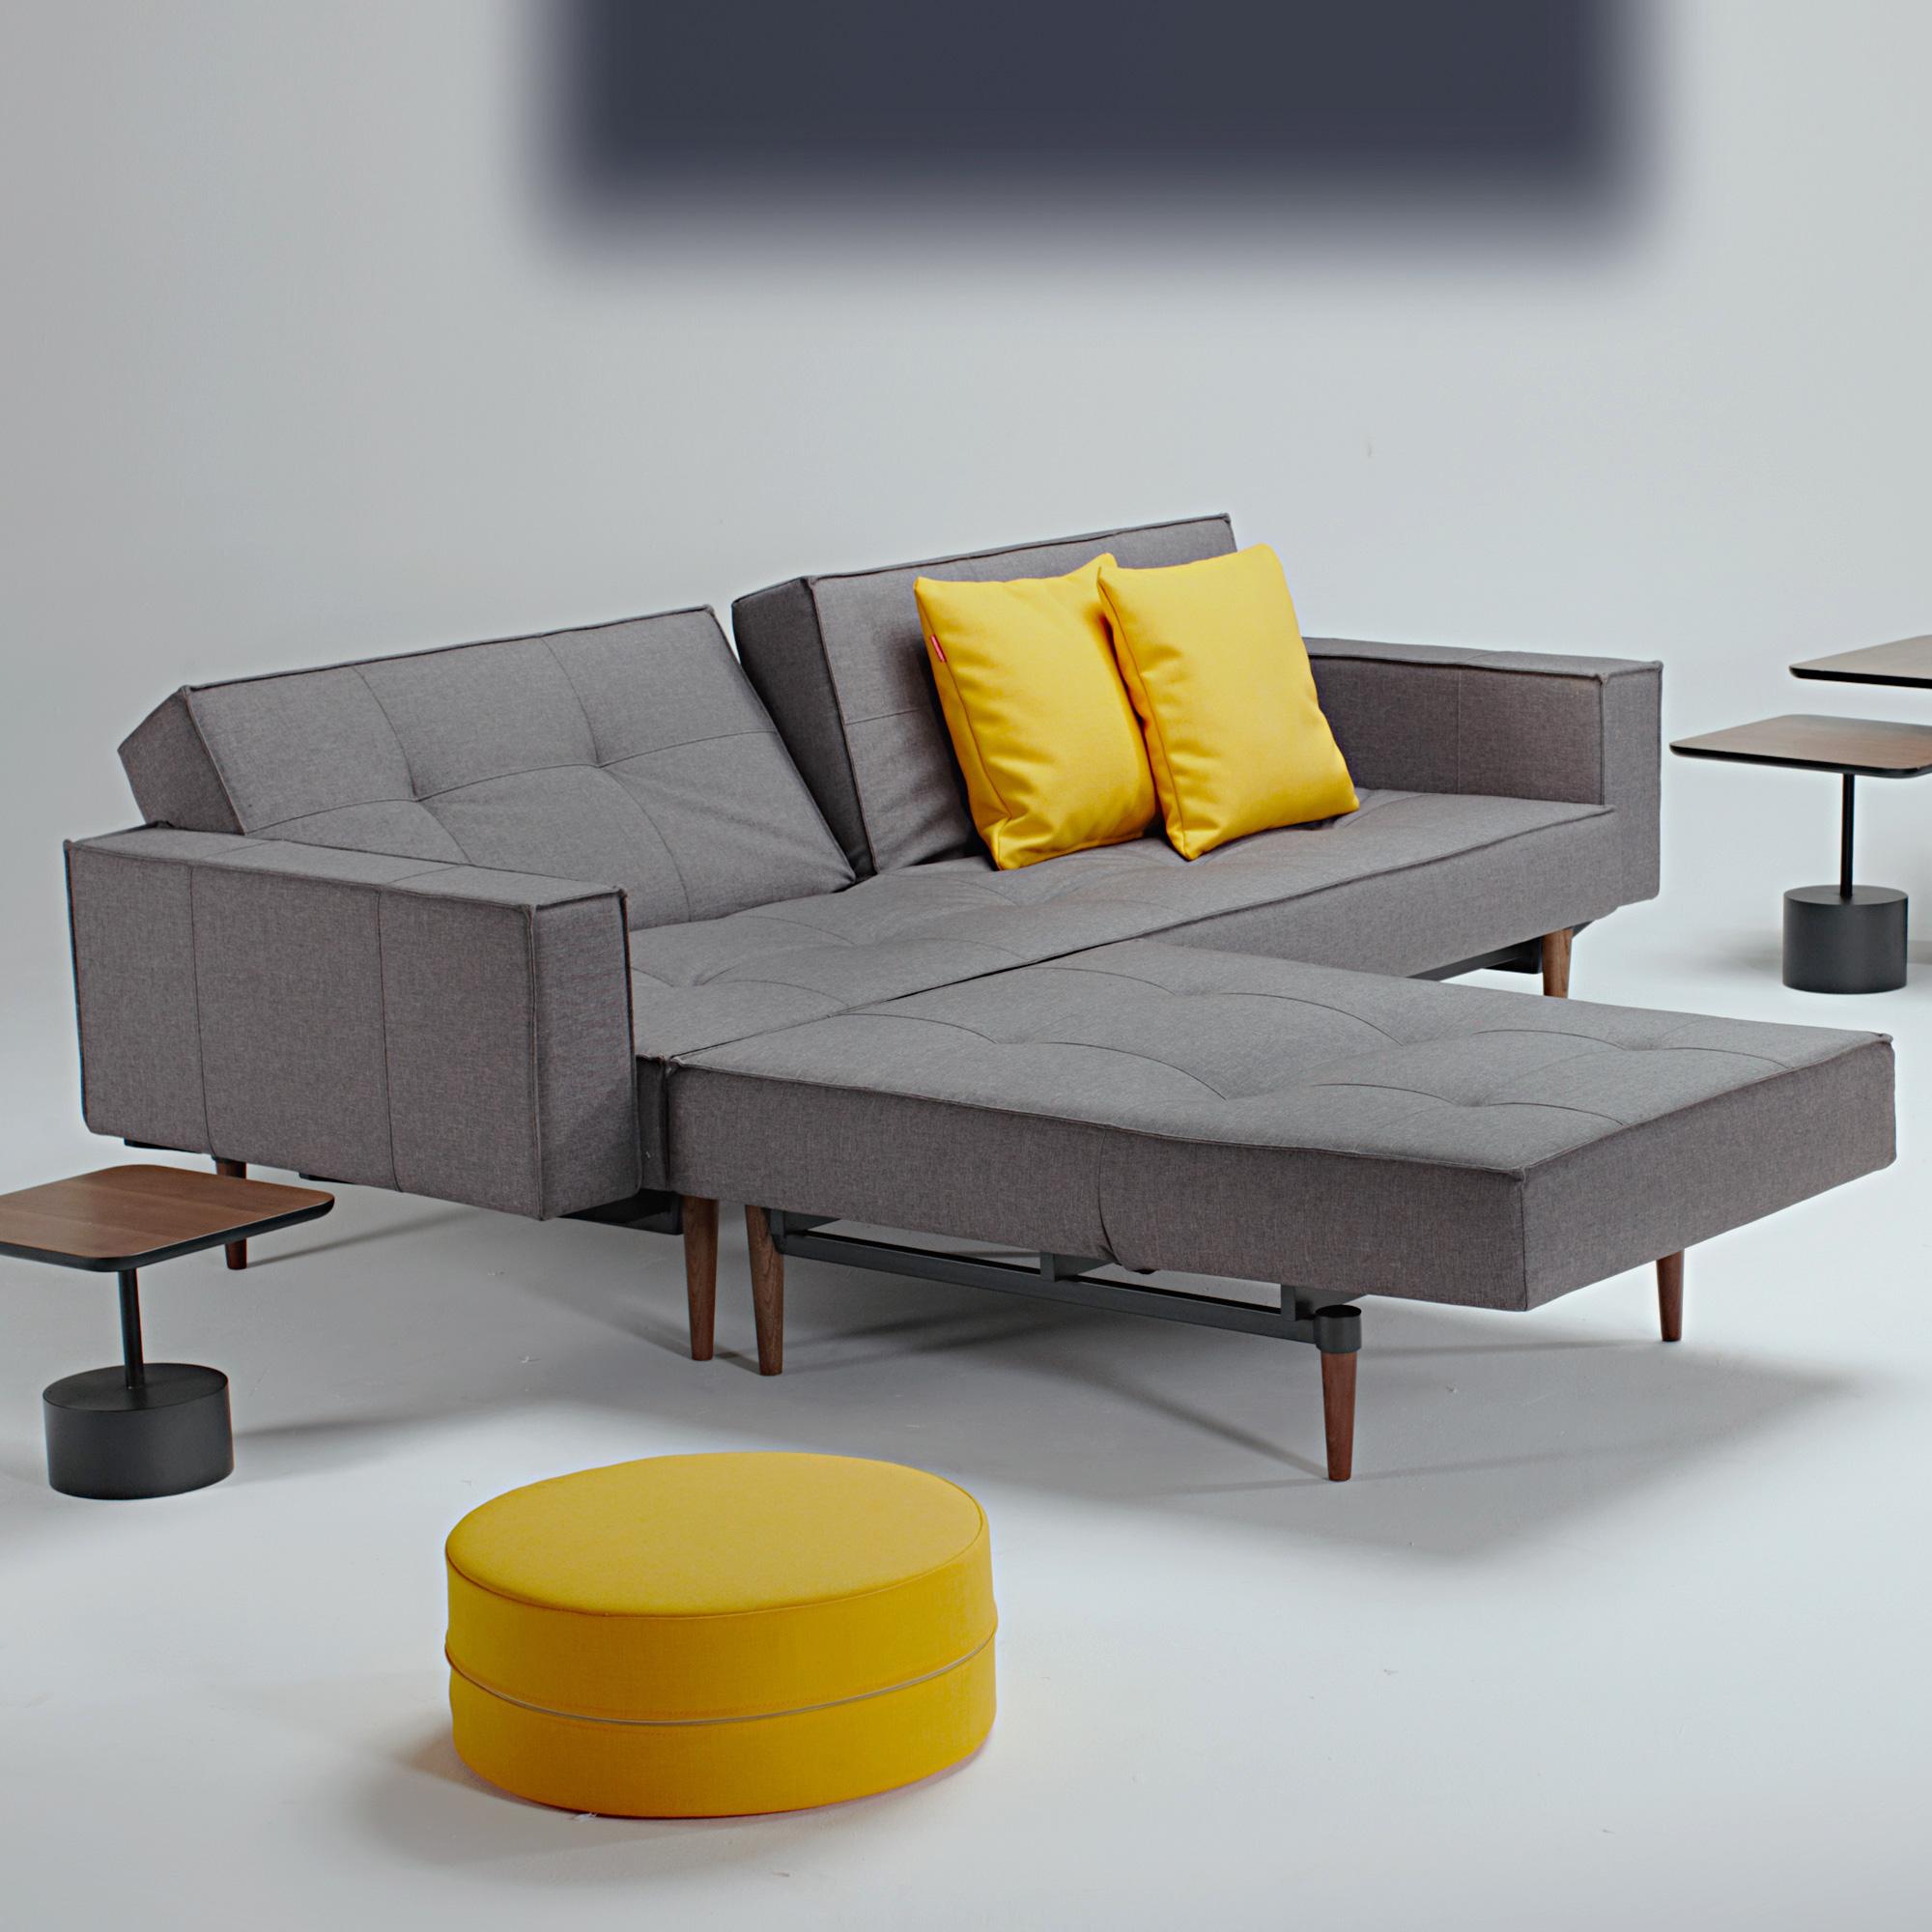 innovation splitback wood schlafsofa 94 7410020216 3 2. Black Bedroom Furniture Sets. Home Design Ideas